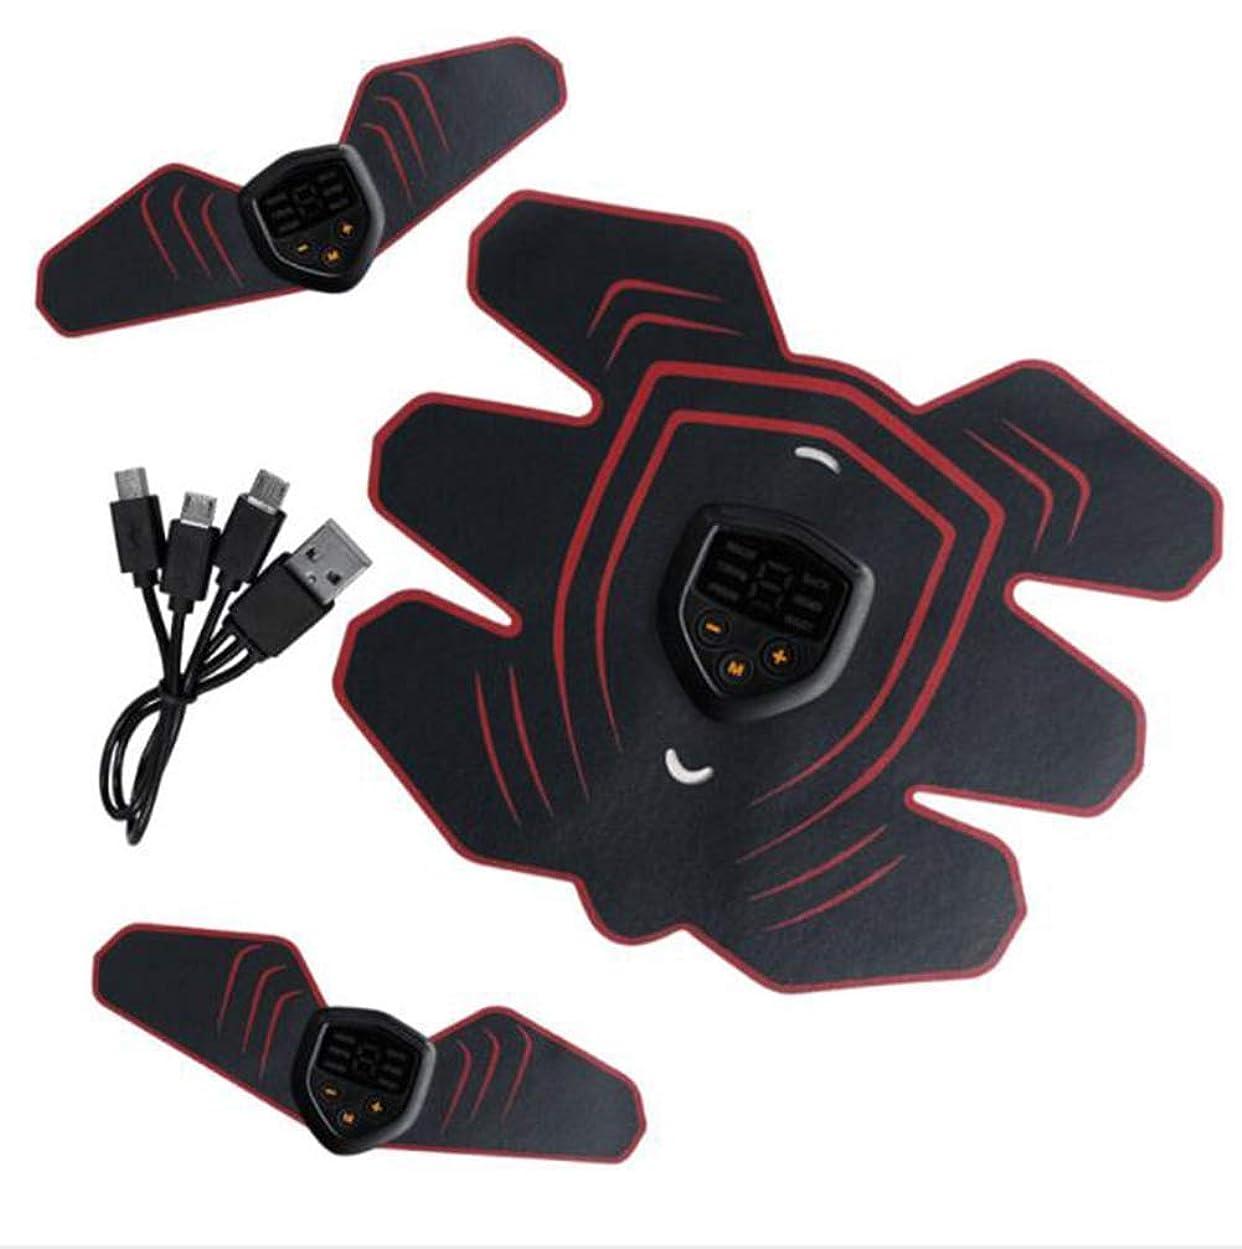 初期のテクニカル署名GWM 腹部マッサージ筋肉エクササイザ、EMS腹筋筋トレーナ筋肉刺激装置電子筋トレーナー腹部ベルト男性と女性のスマートフィットネス(赤)